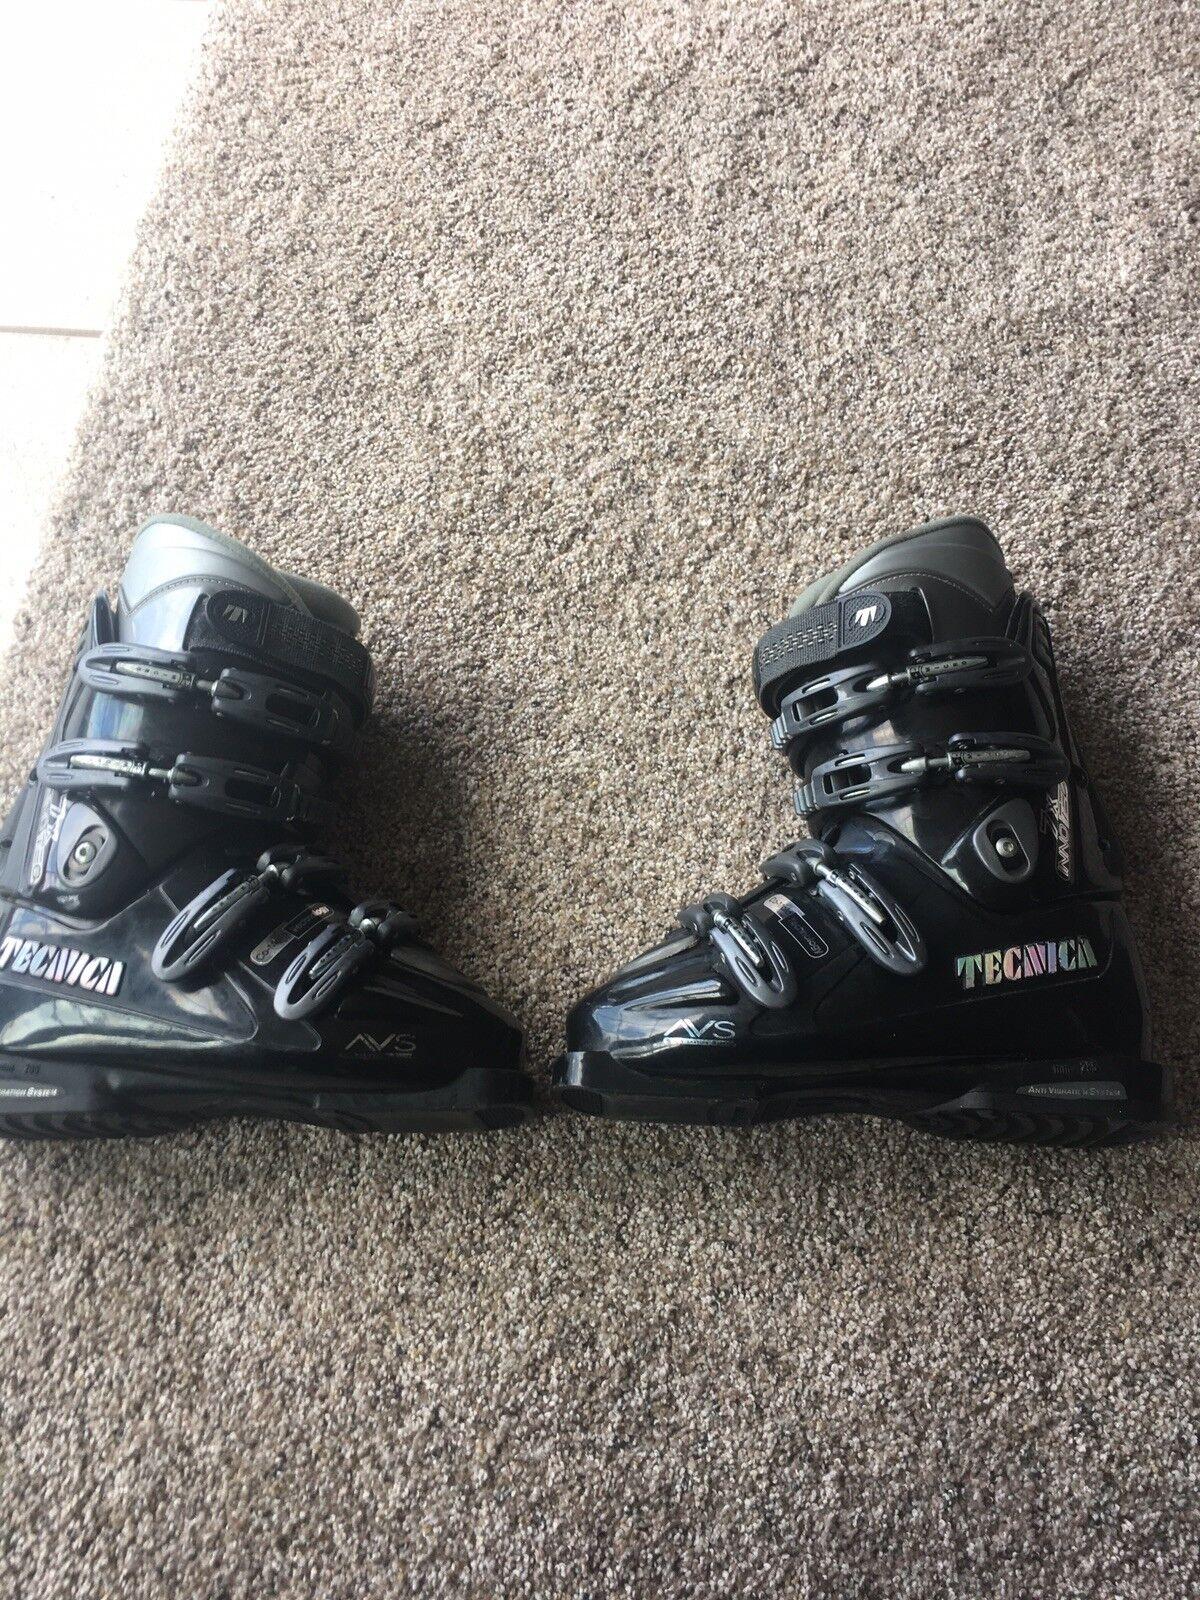 Tecnica 7X inno TEC Ski Boots - Size 5.5 anti vibration system Used